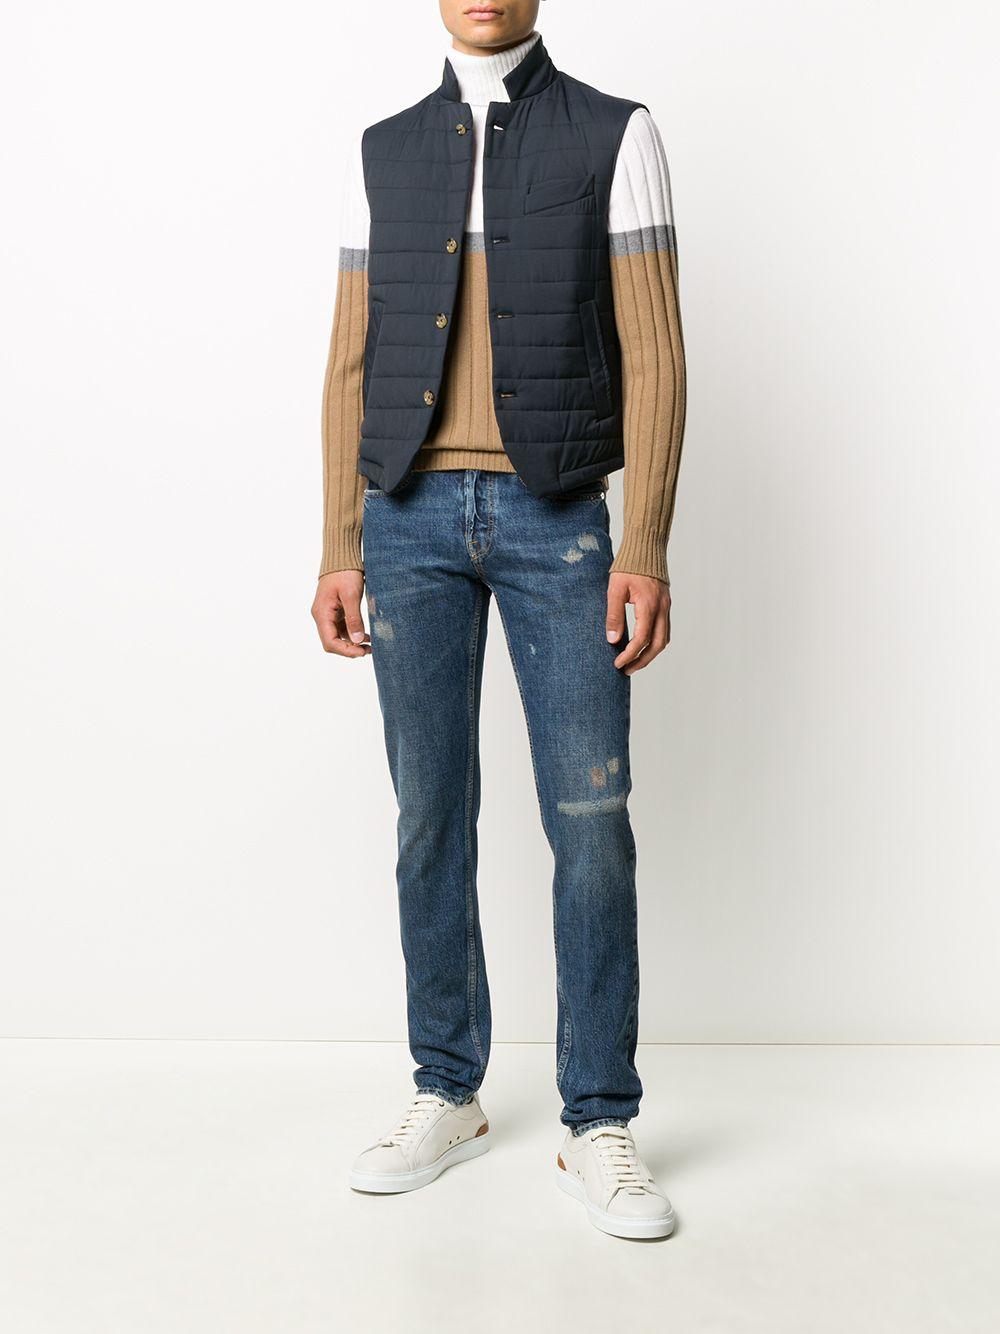 maglione a collo alto bianco beige in lana ELEVENTY   Maglieria Moda   B76MAGB15-MAG0B00501-14